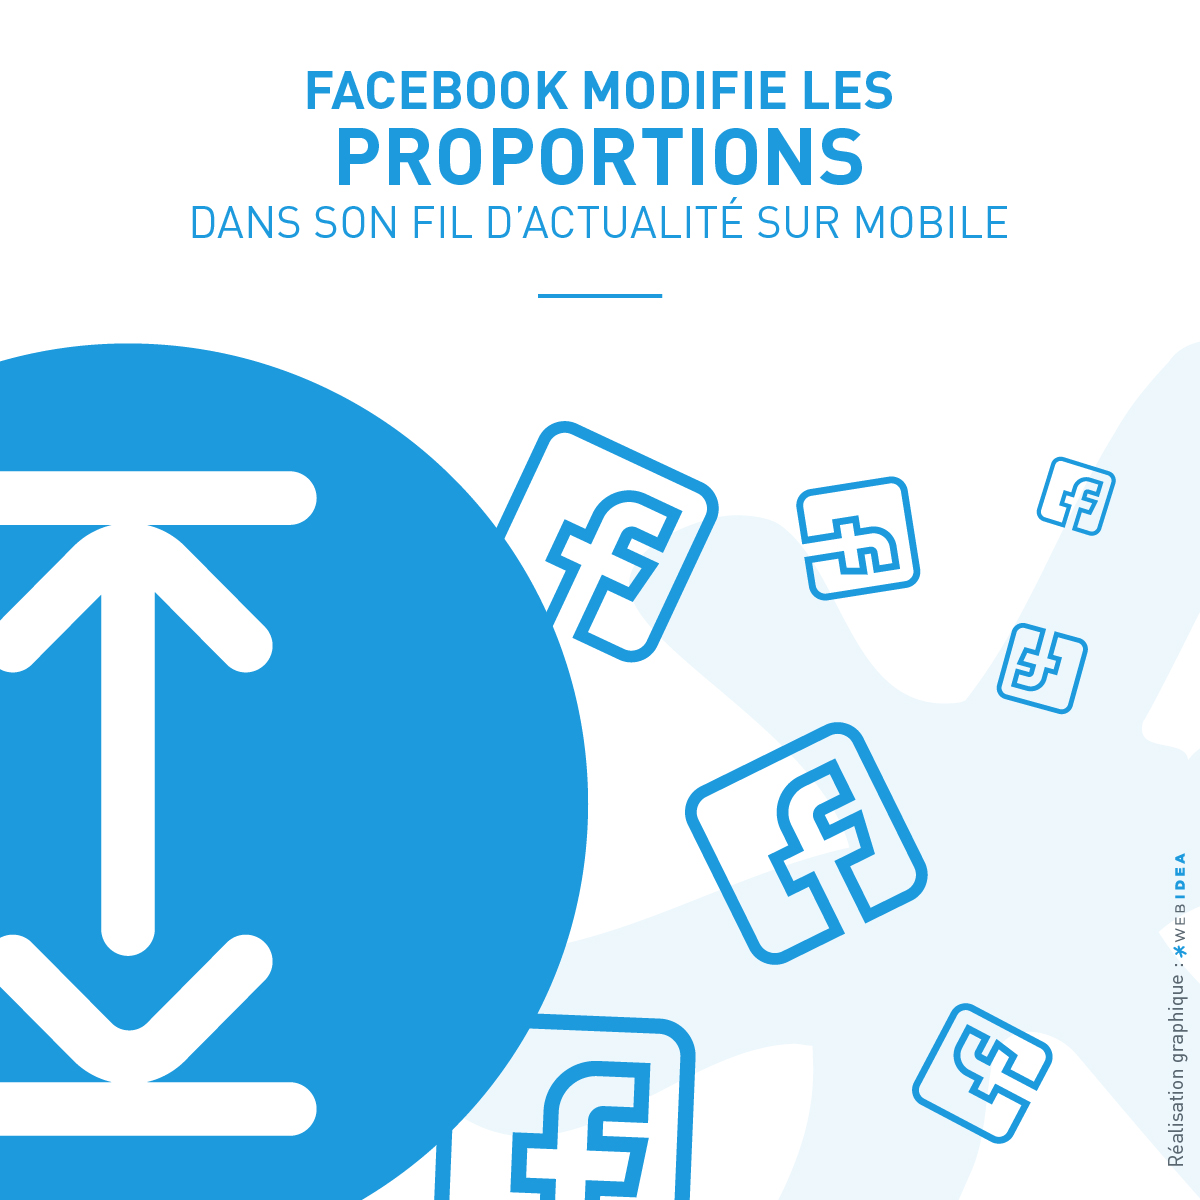 Illustration présentant les modifications du fil d'actualité Facebook